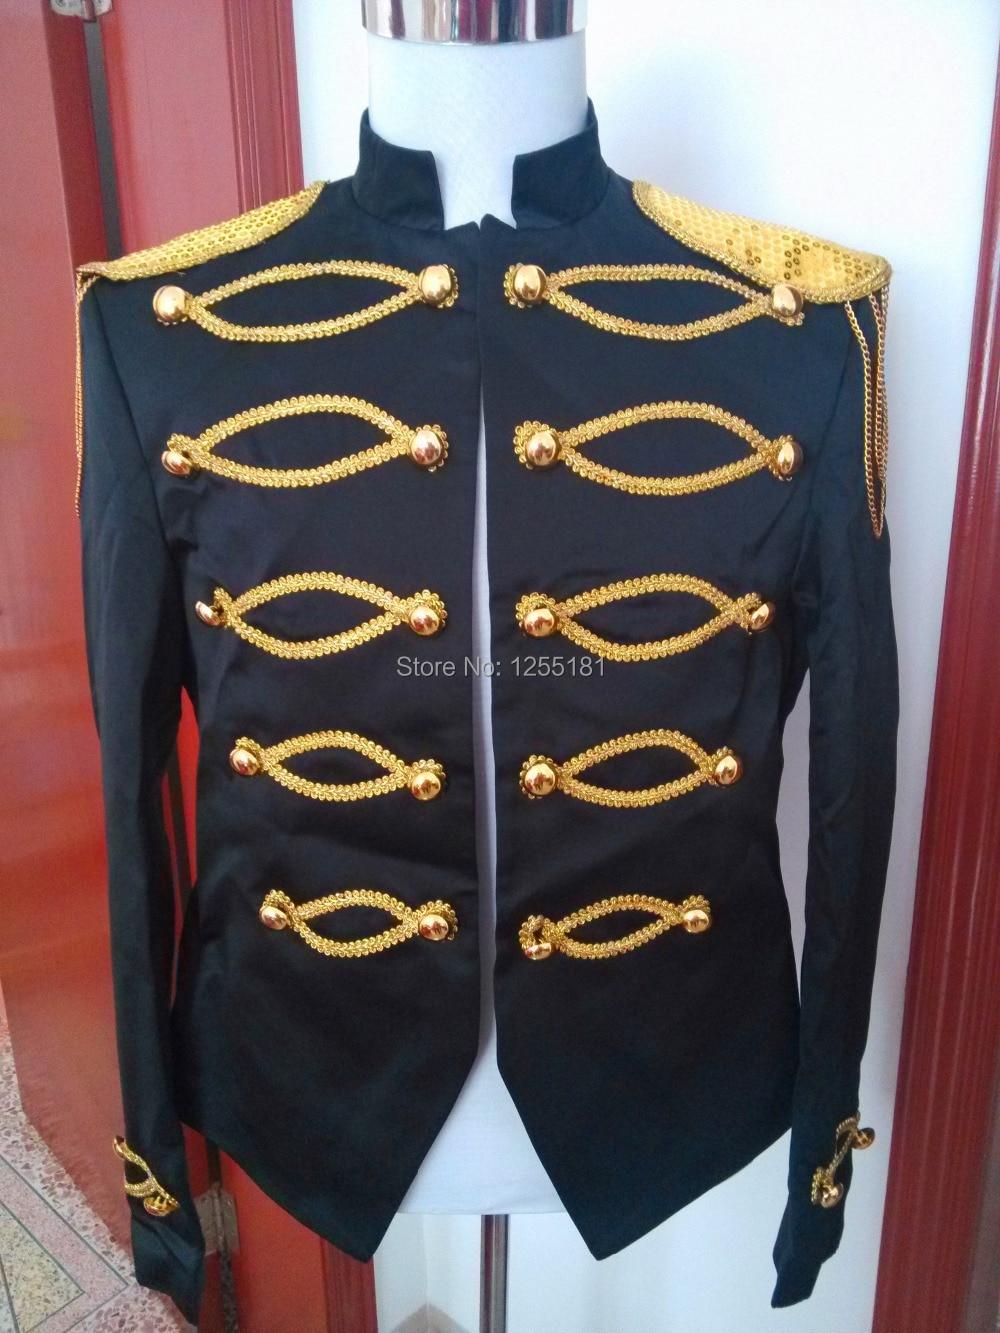 Նորաձևության նորաձևություն Սև և - Տղամարդկանց հագուստ - Լուսանկար 2